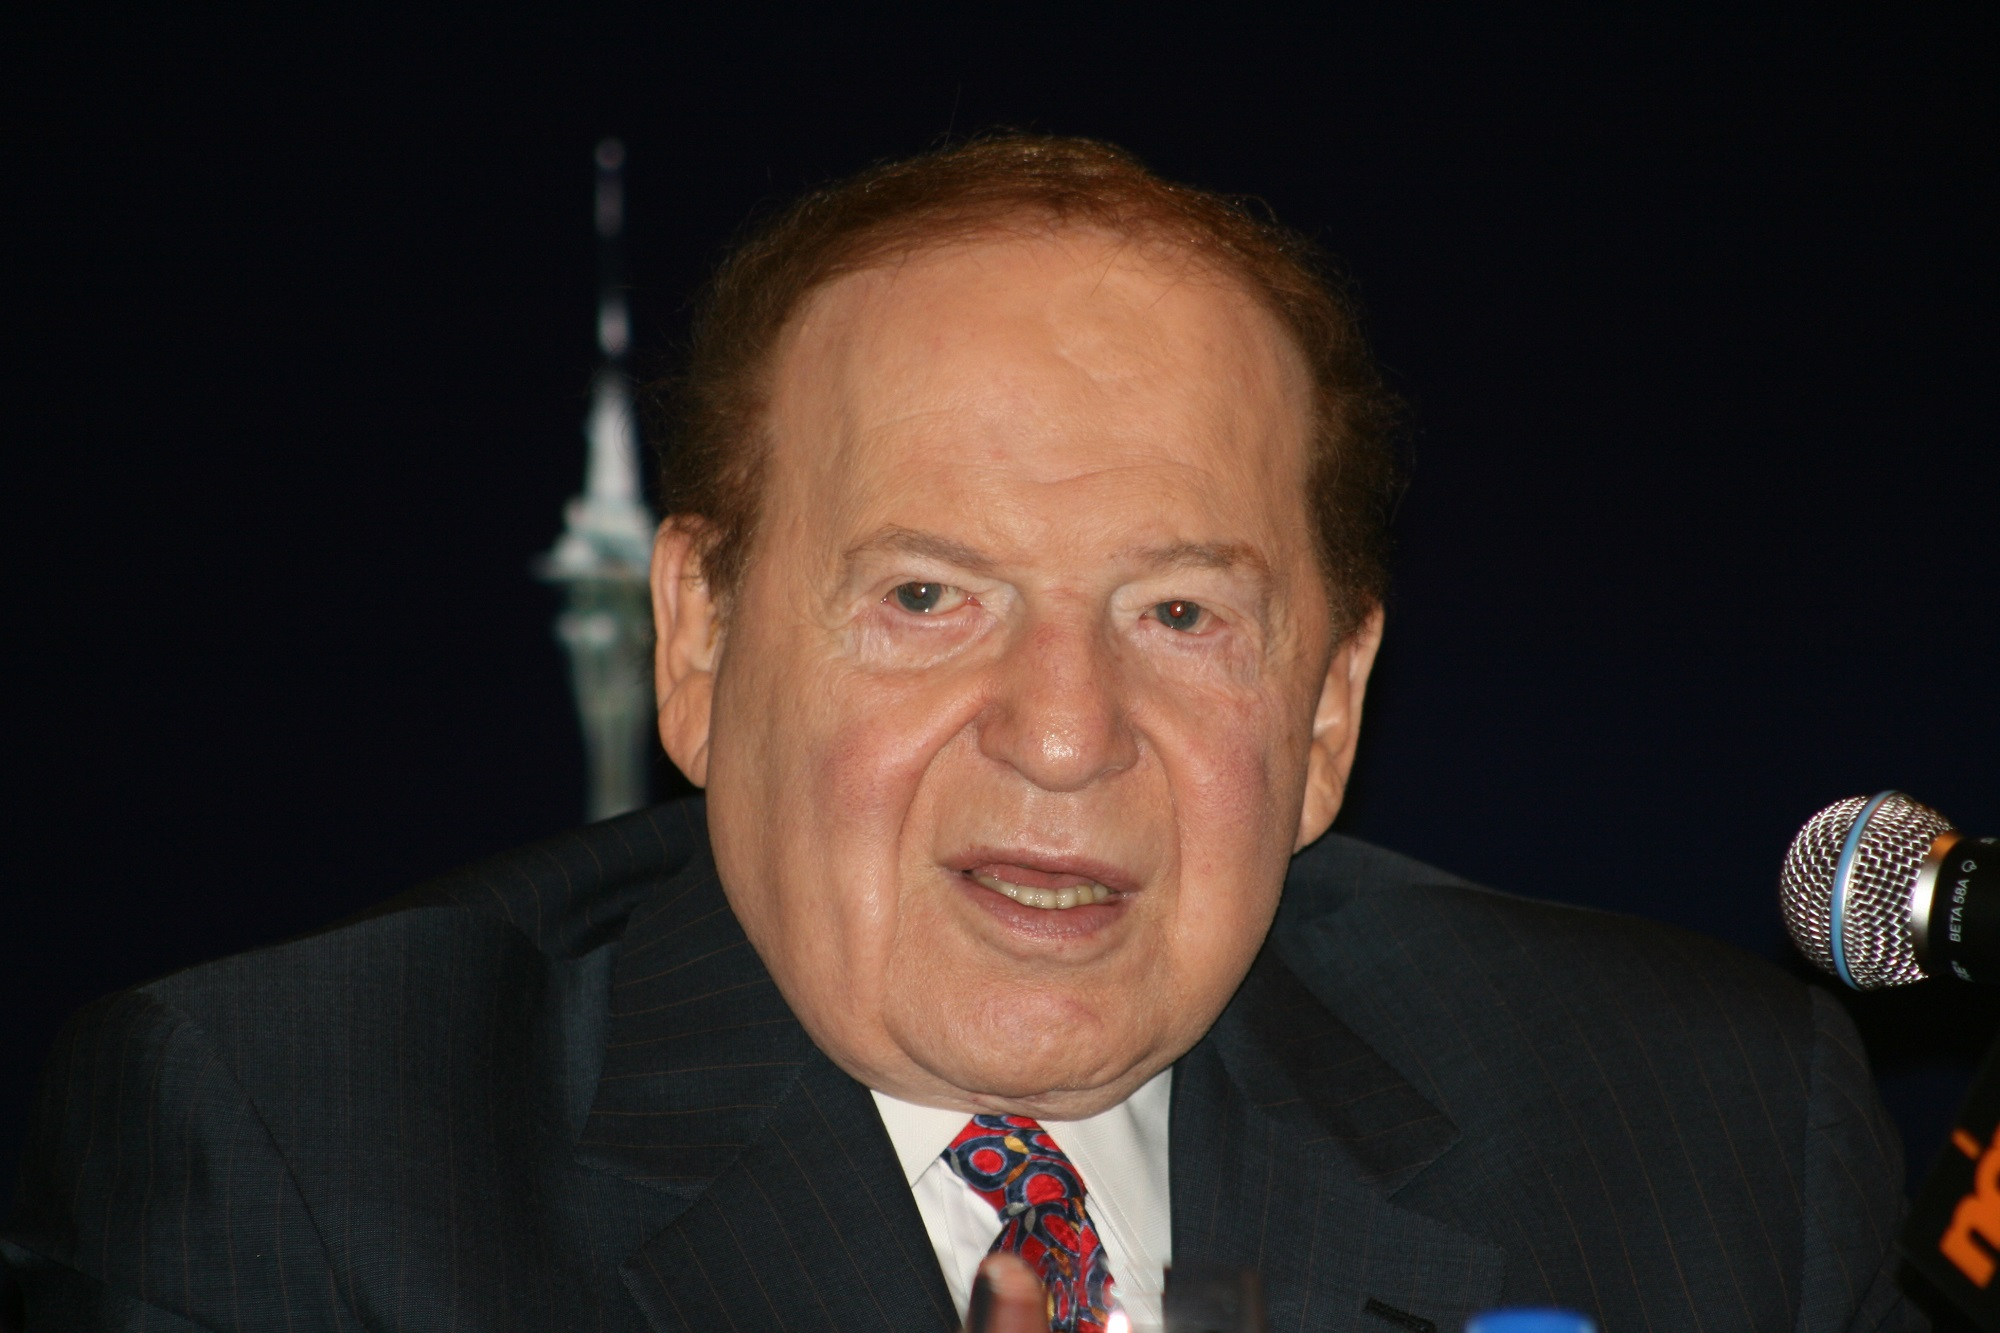 US online gaming opponent Sheldon Adelson